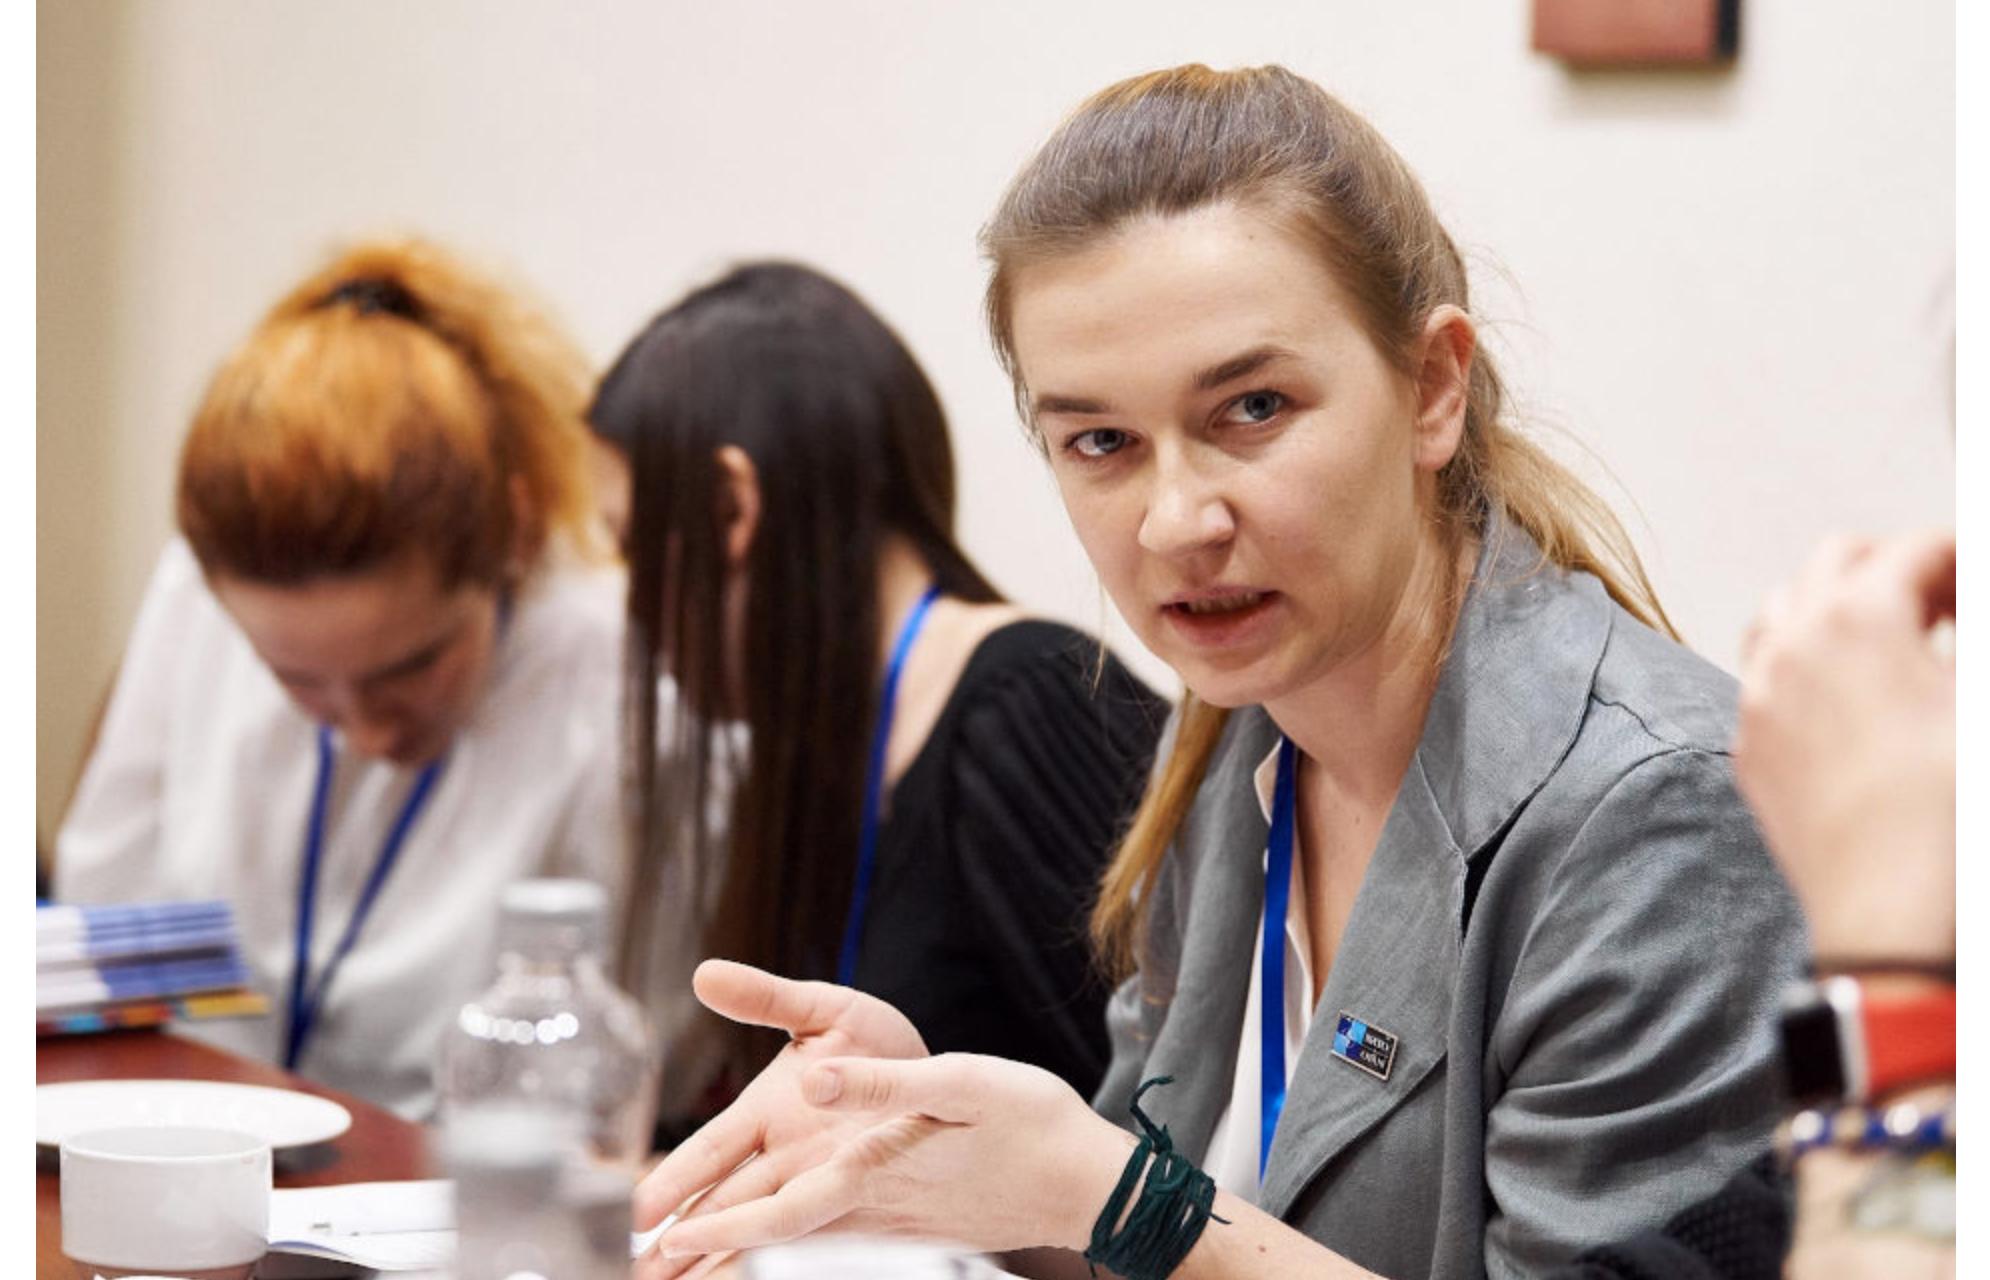 Ukrainian women's voices amid the COVID-19 crisis